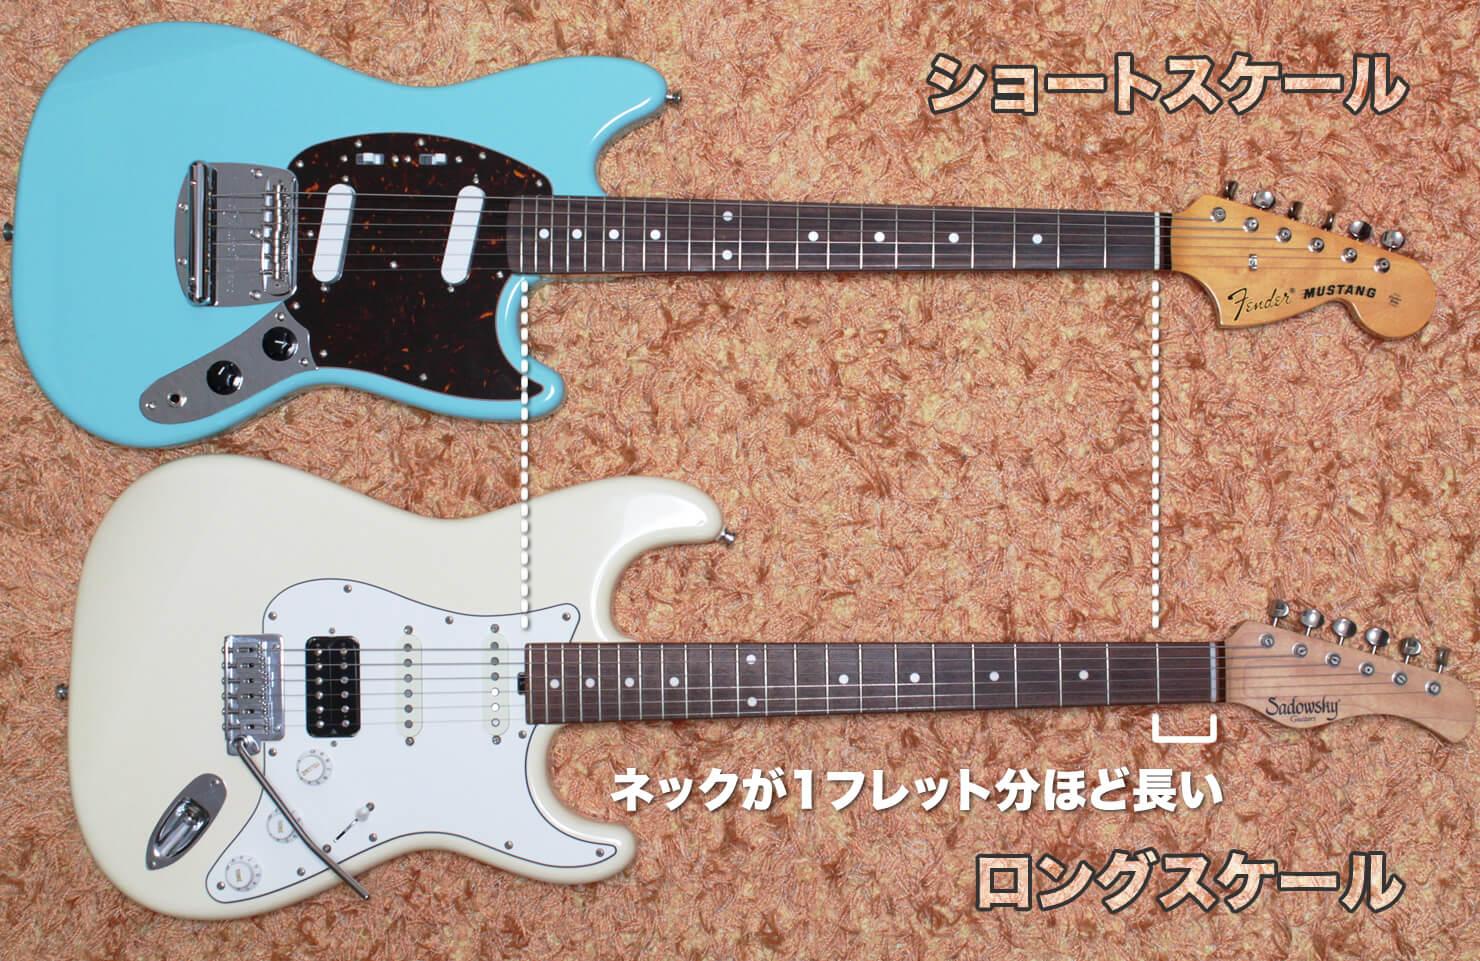 ロングスケール・ギターとの比較